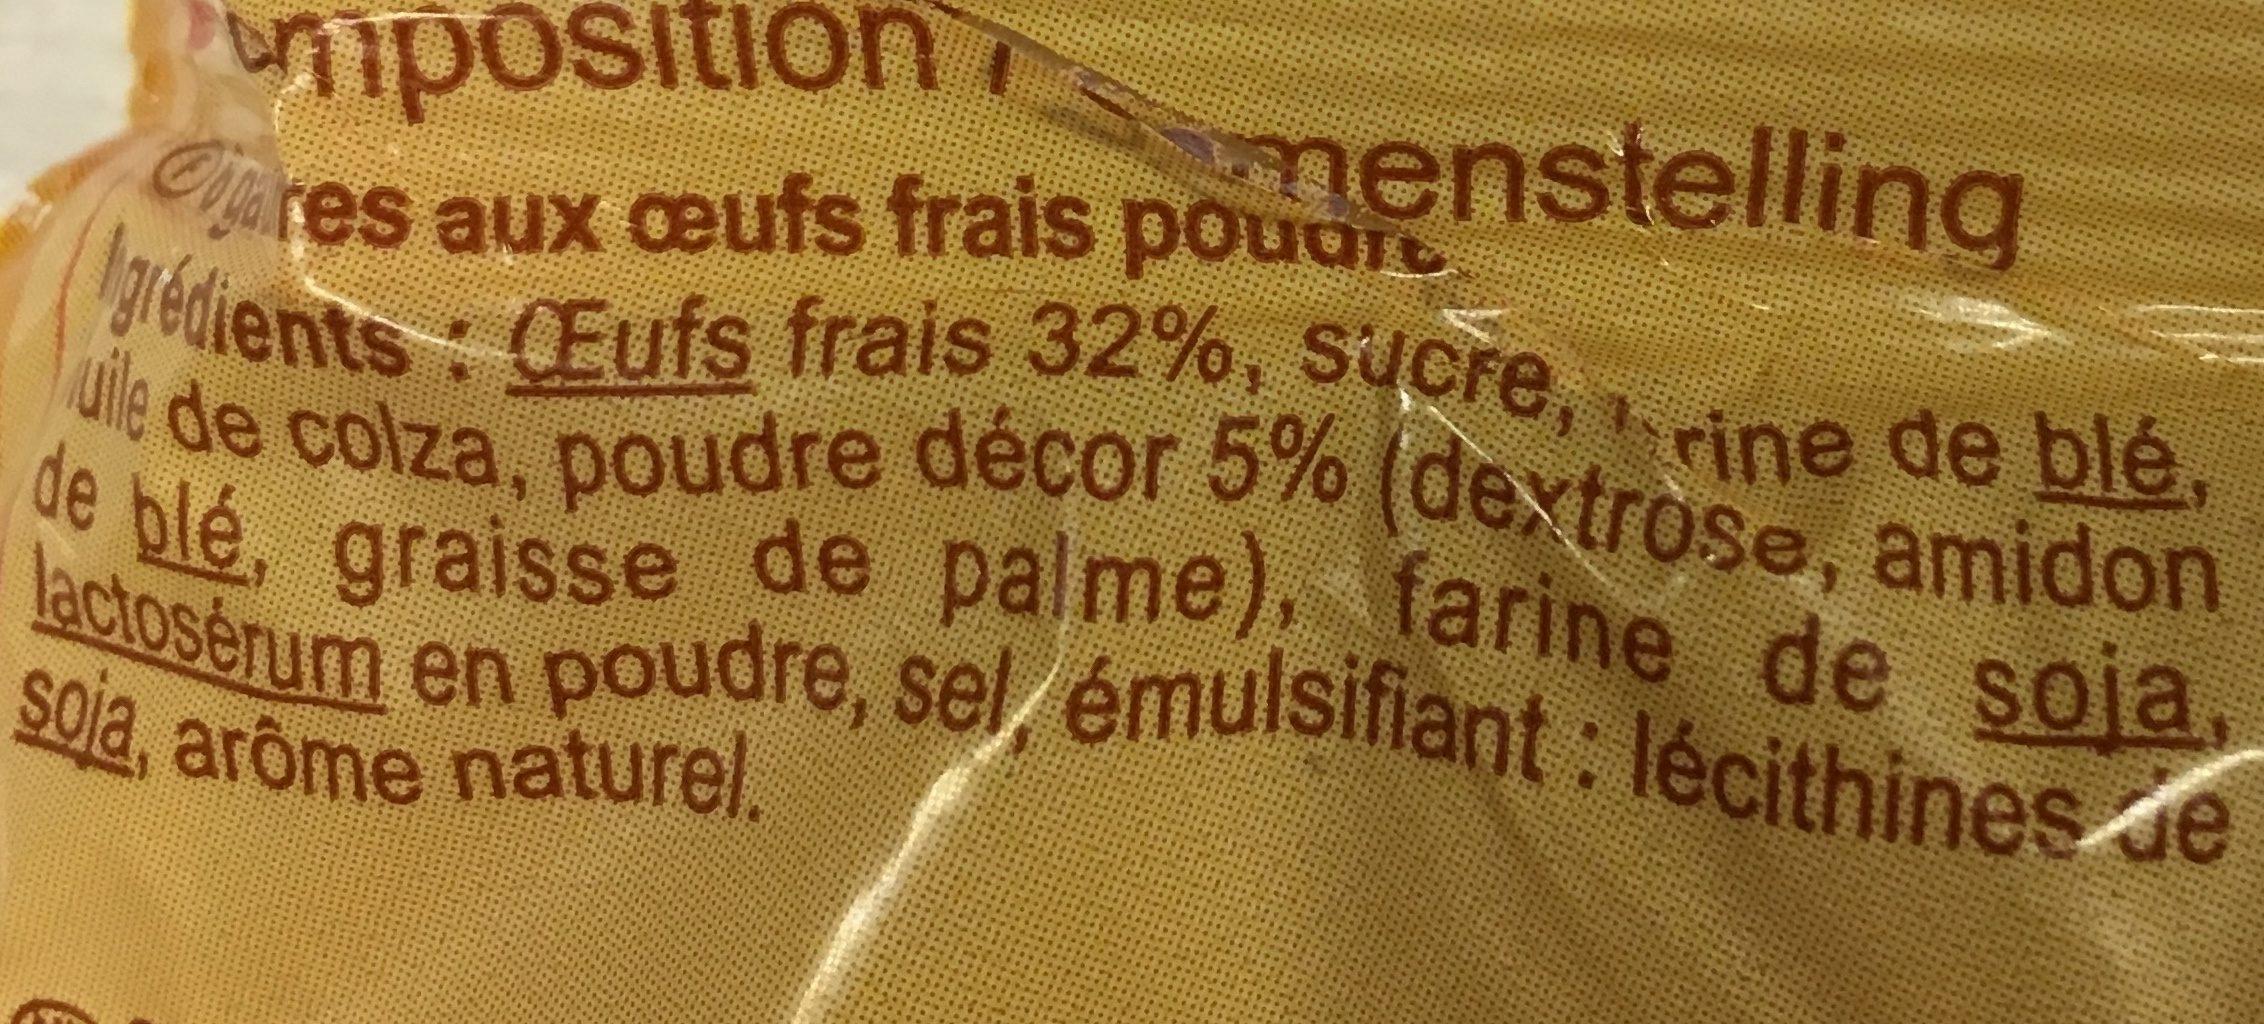 Gaufres moelleuses - Ingredients - fr